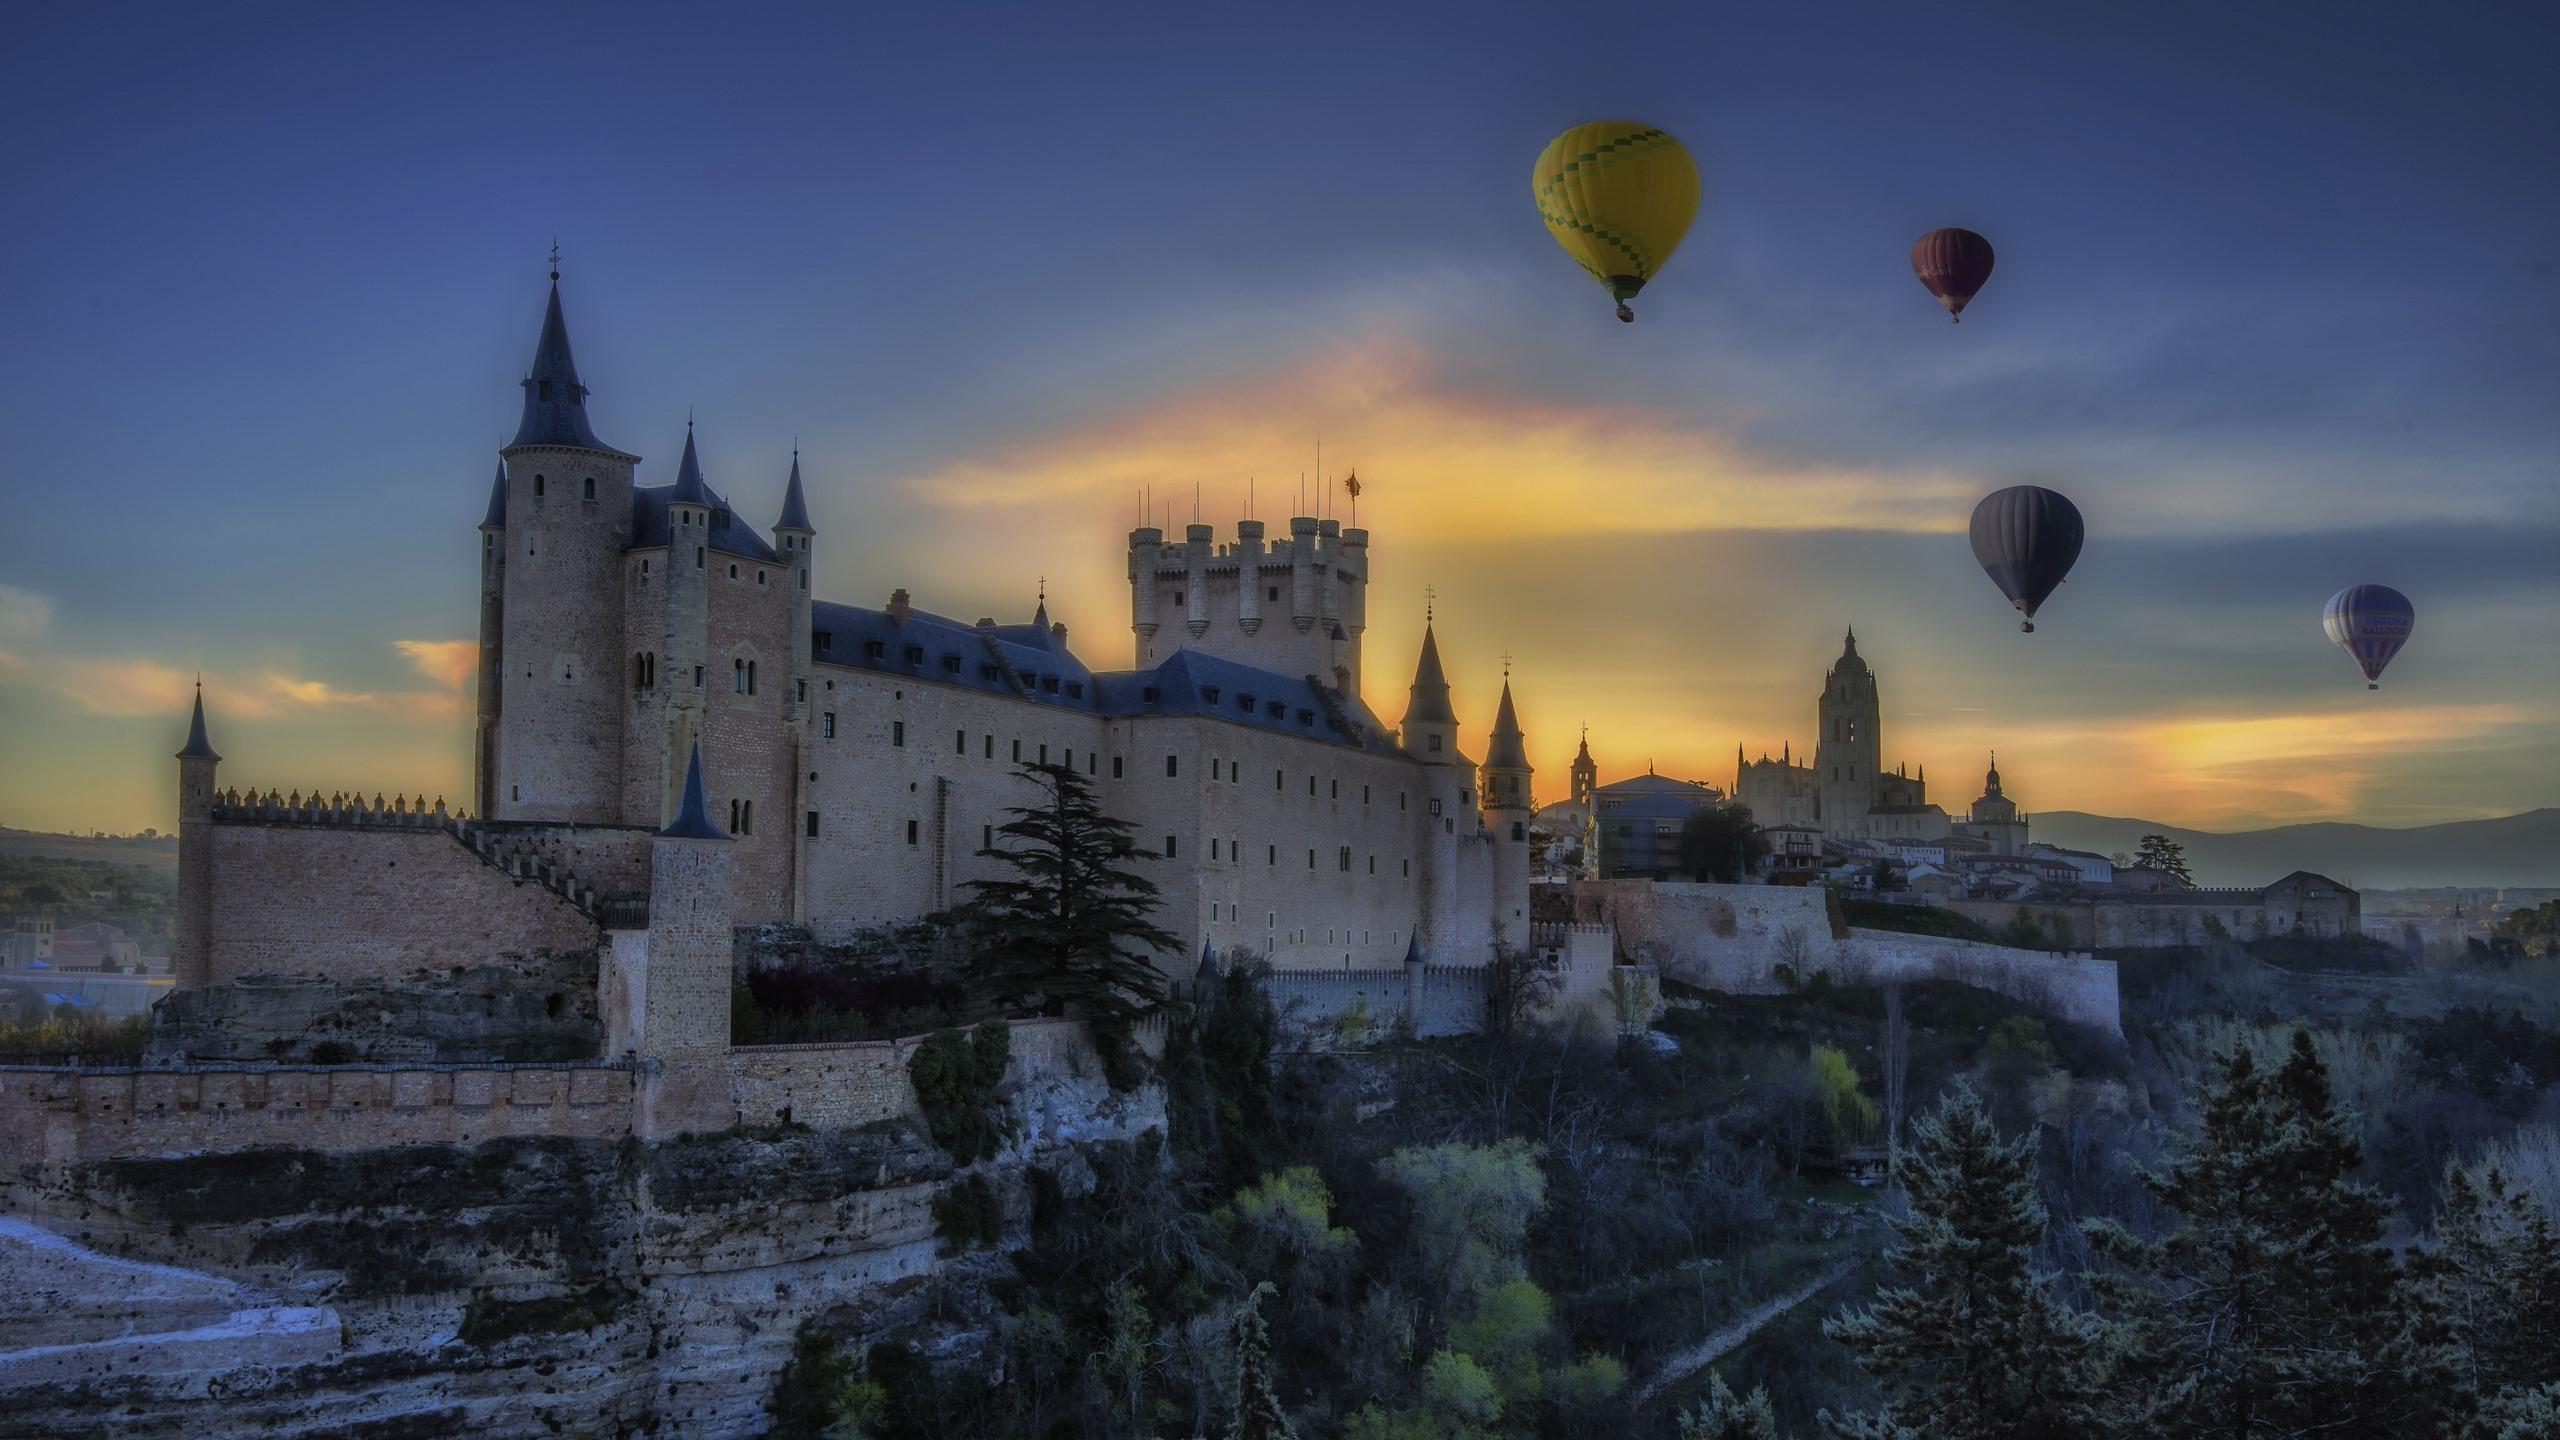 壁紙 スペイン セゴビア カスティーリャレオン 城 木々 熱気球